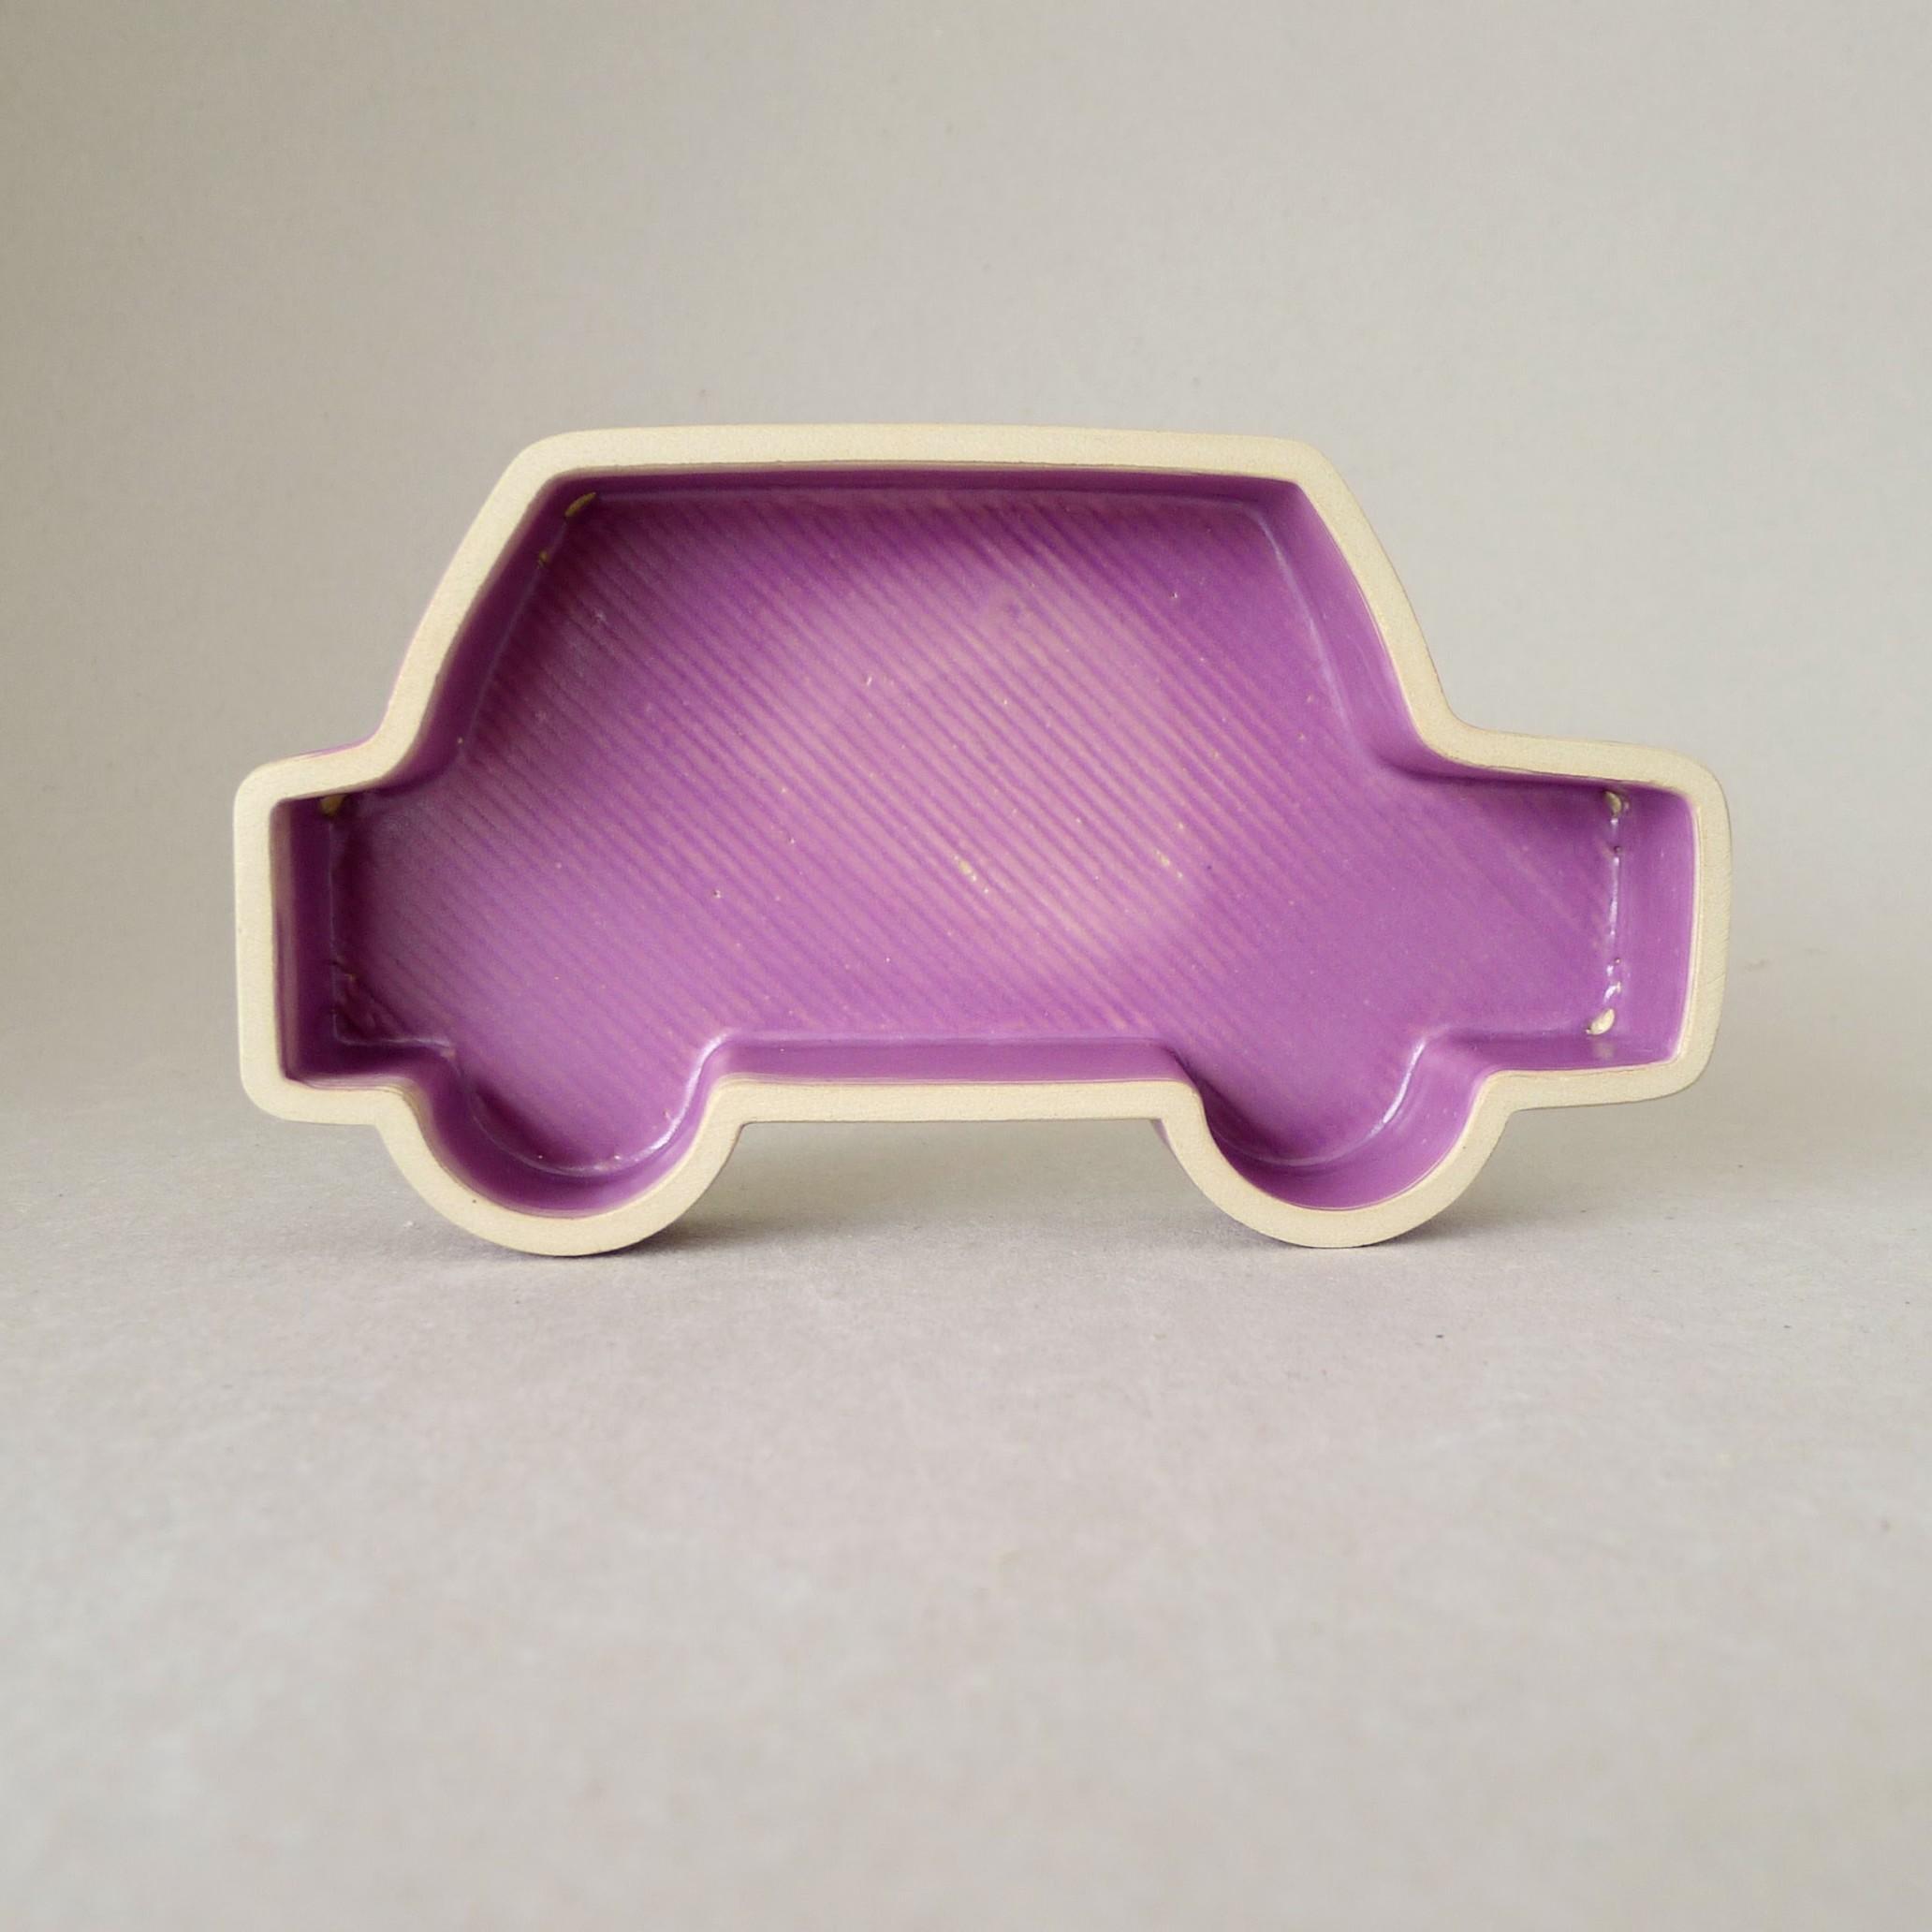 Eine 3D gedruckte Schale aus Keramik